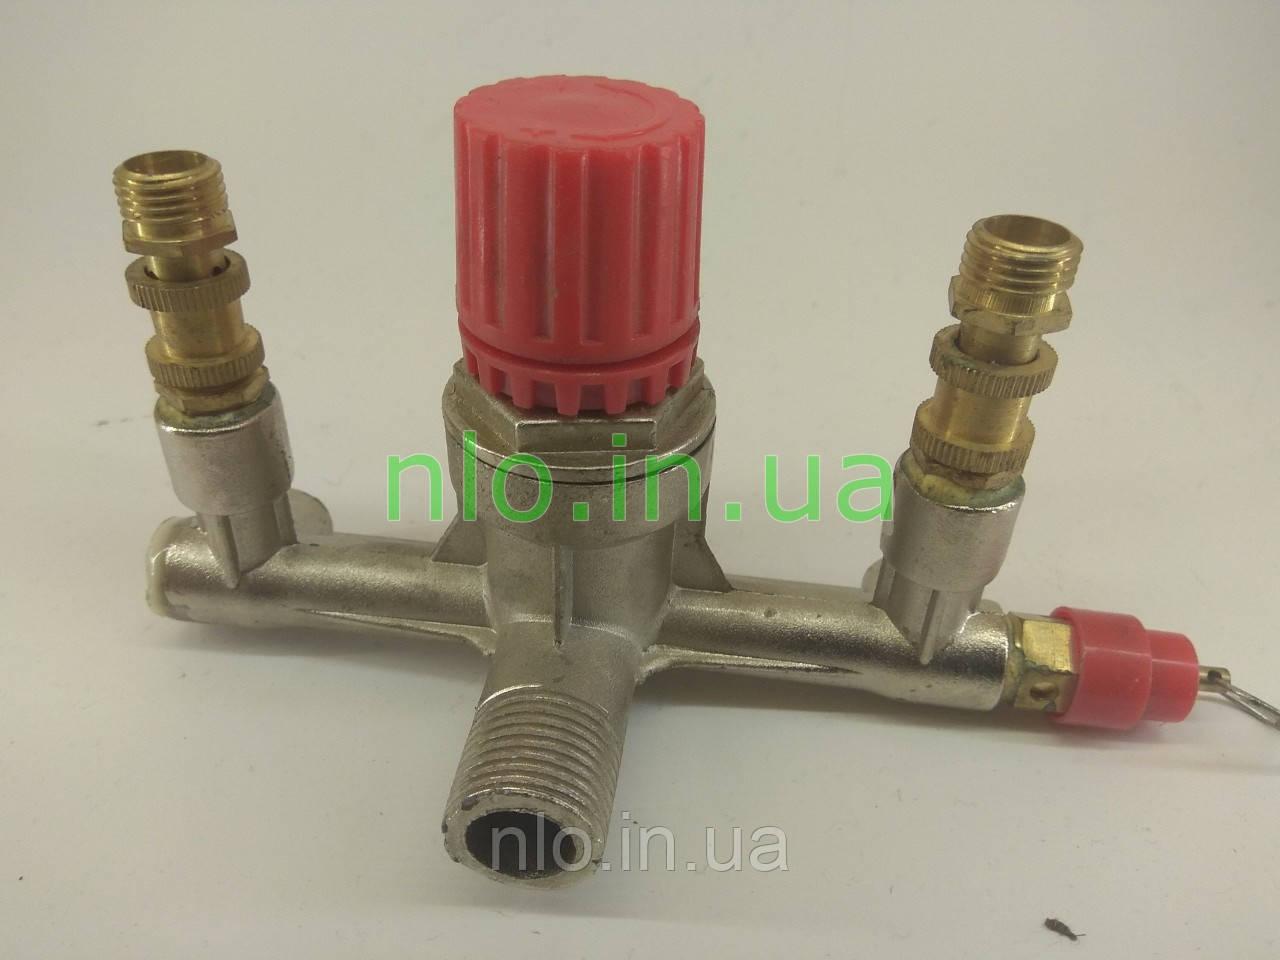 Контрольно распределительный блок компрессора (диаметр наружный 21 мм и 13 мм, диаметр внутренний 9 мм)